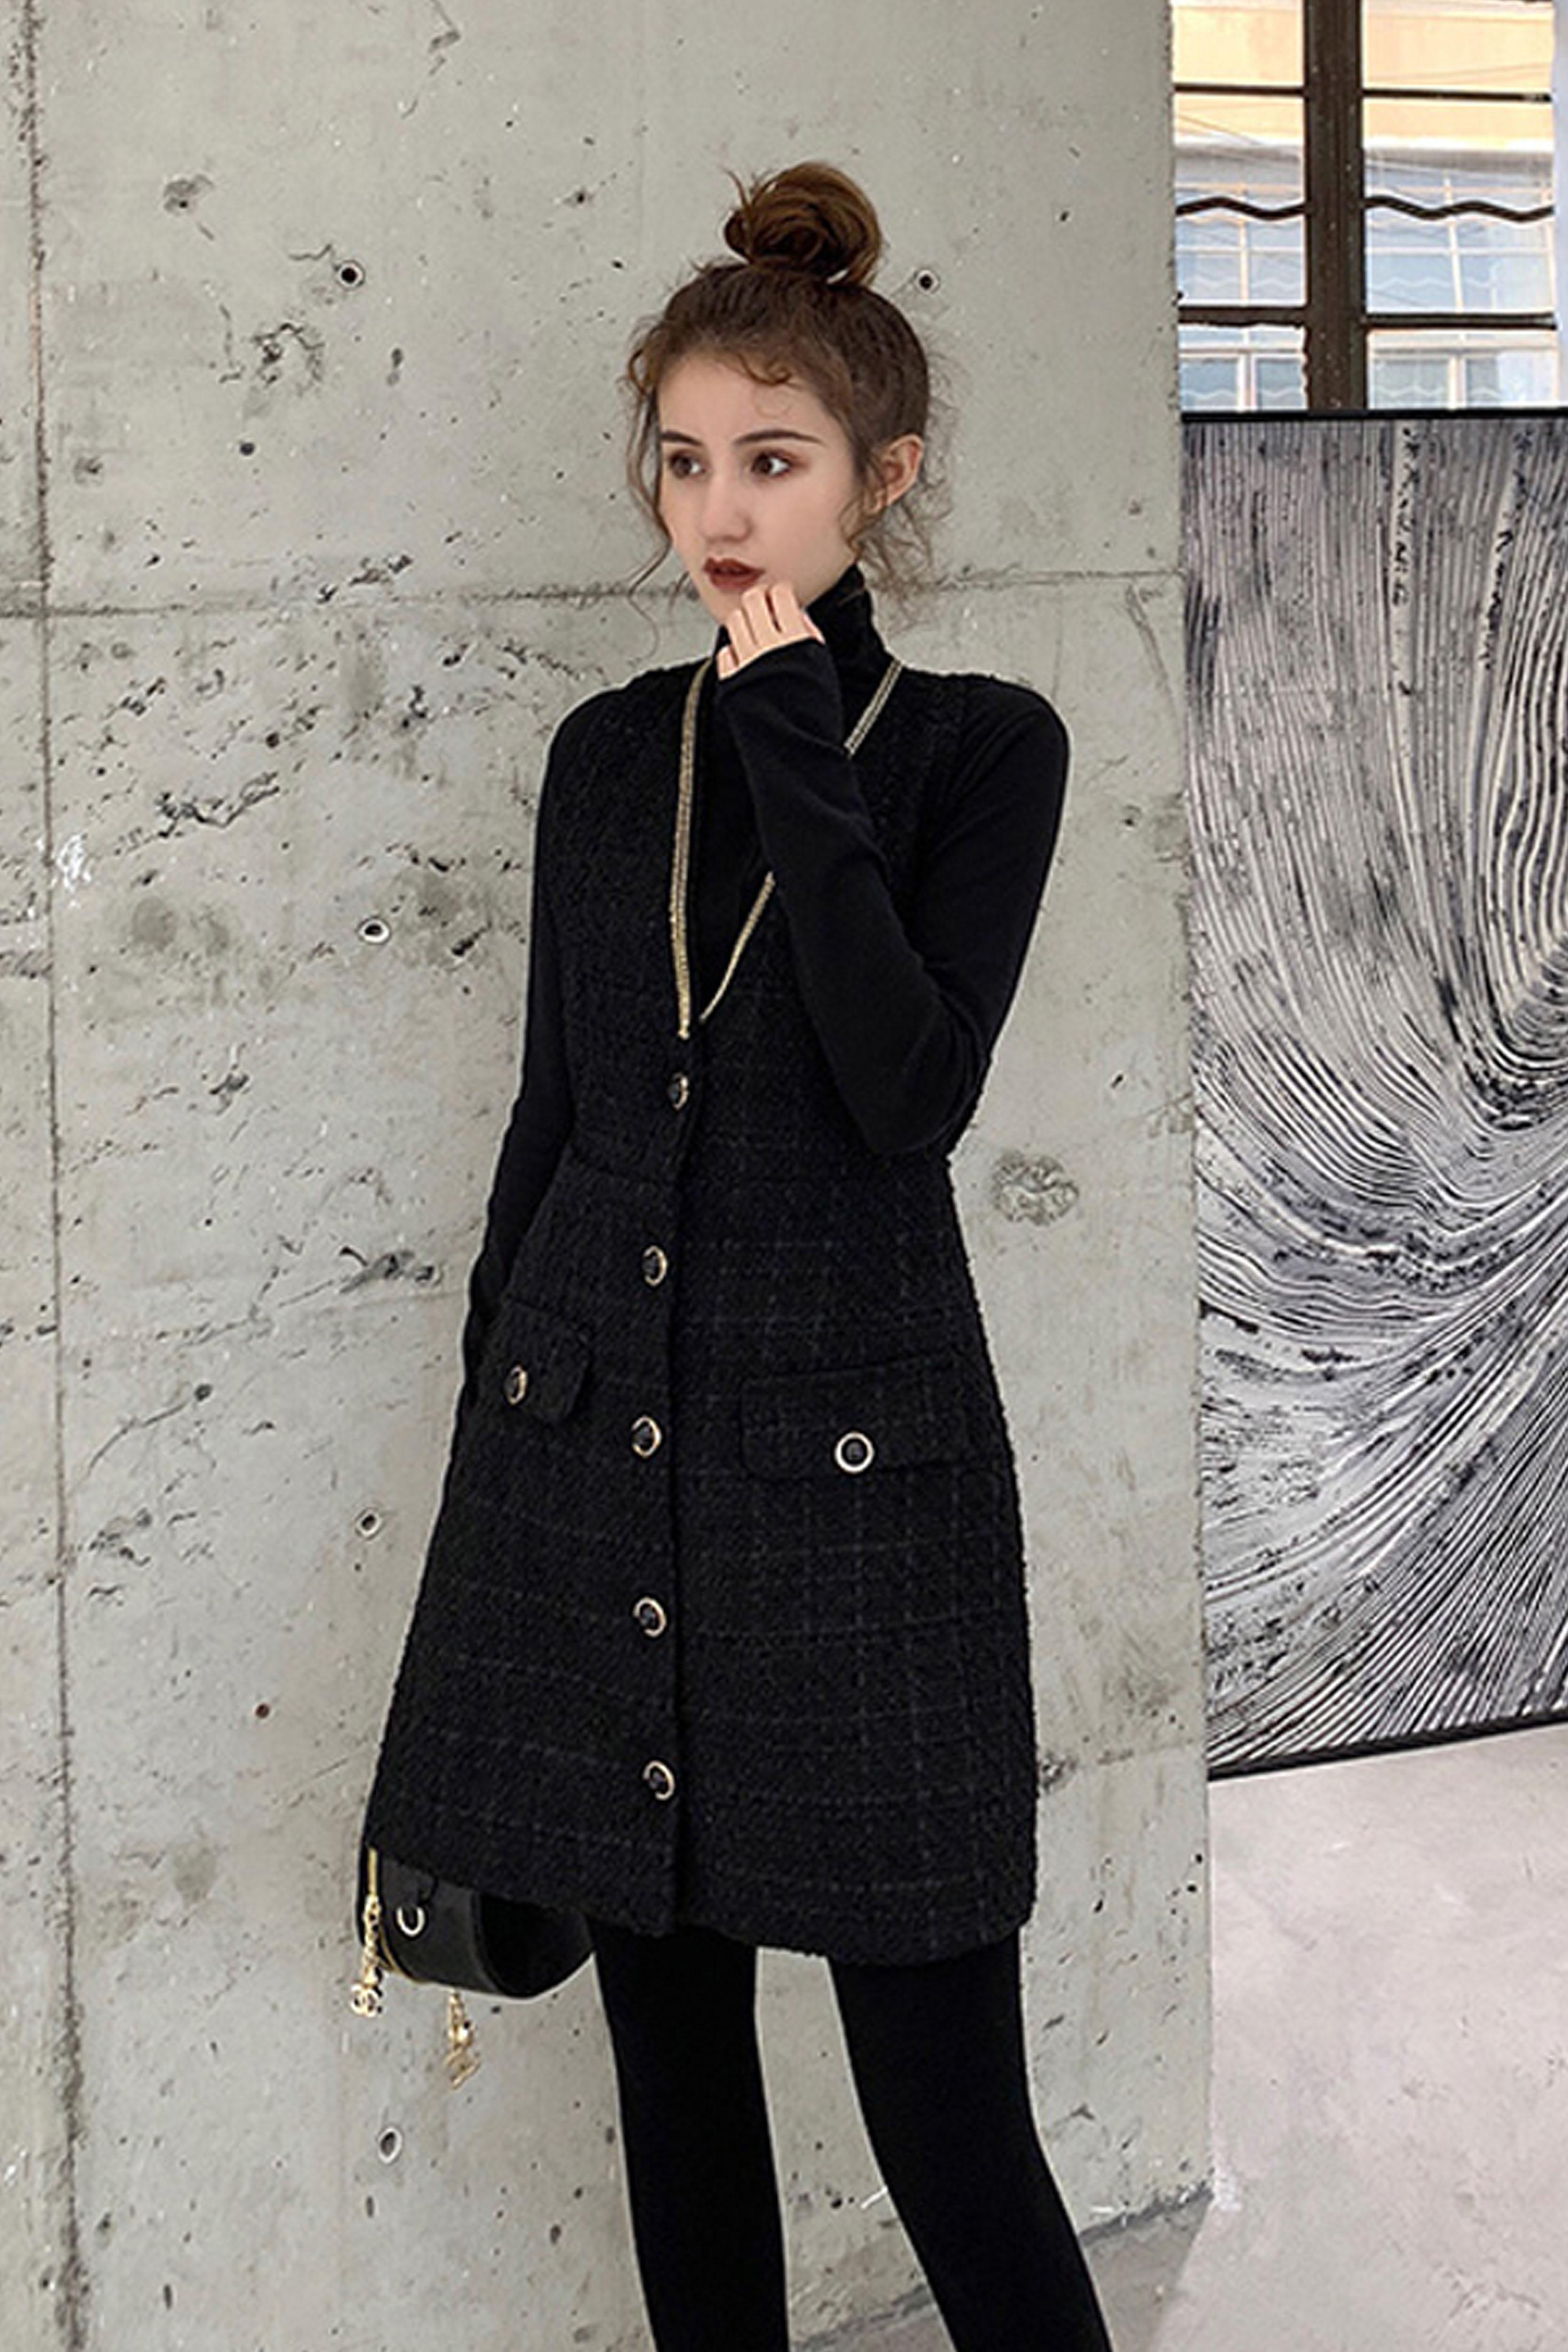 时尚套装女2019秋冬新款高领打底衫+毛呢无袖连衣裙两件套装